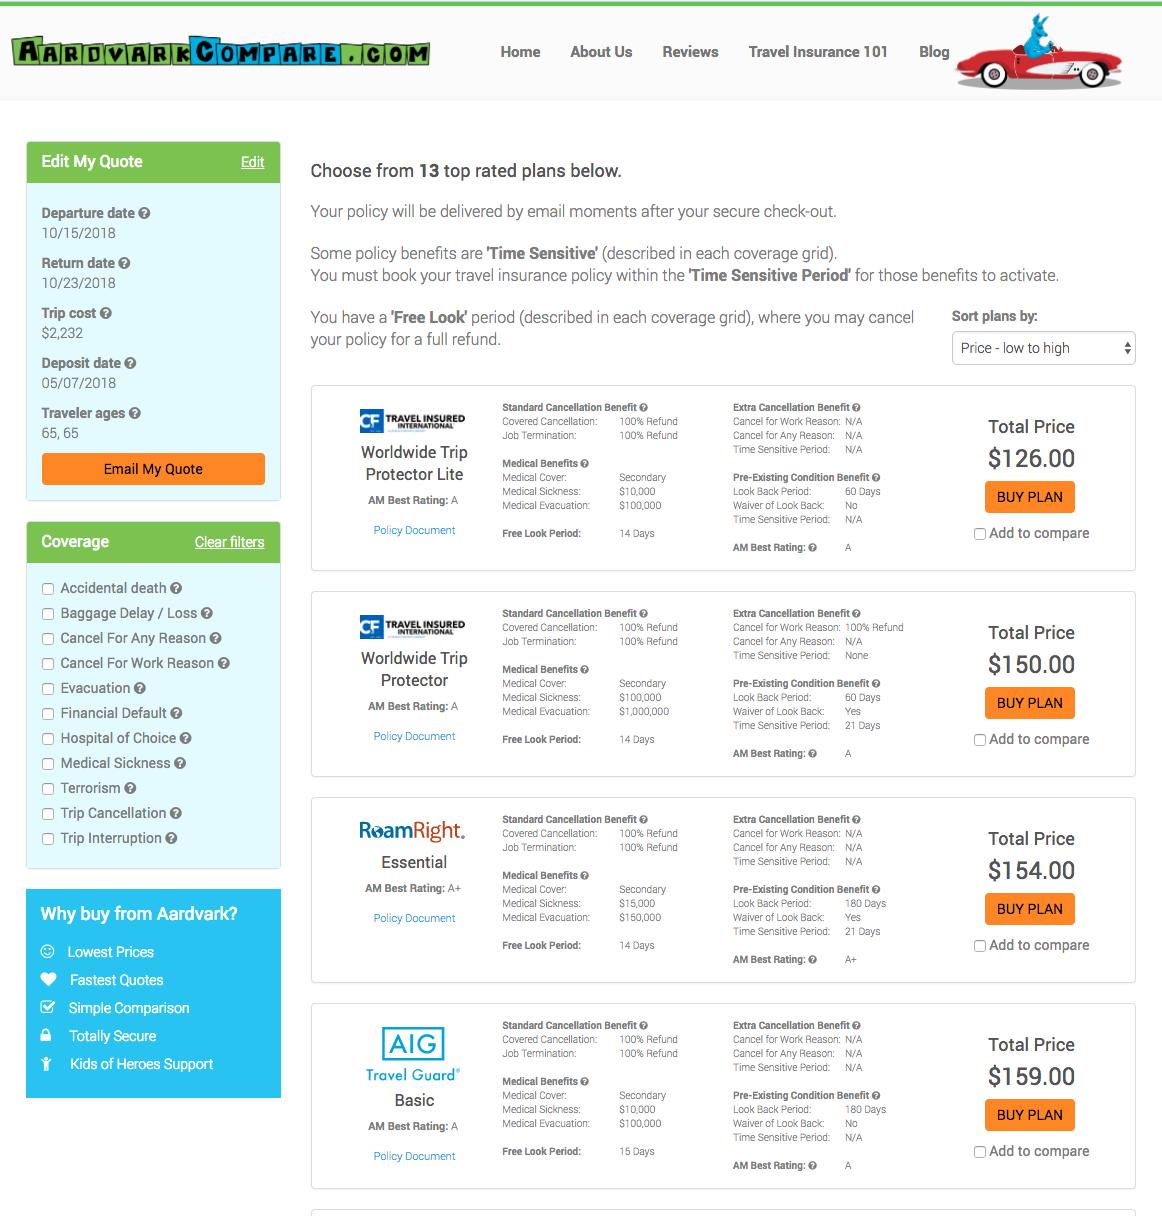 Expedia-AARP-Travel-Insurance-AardvarkCompare-Options | AardvarkCompare.com